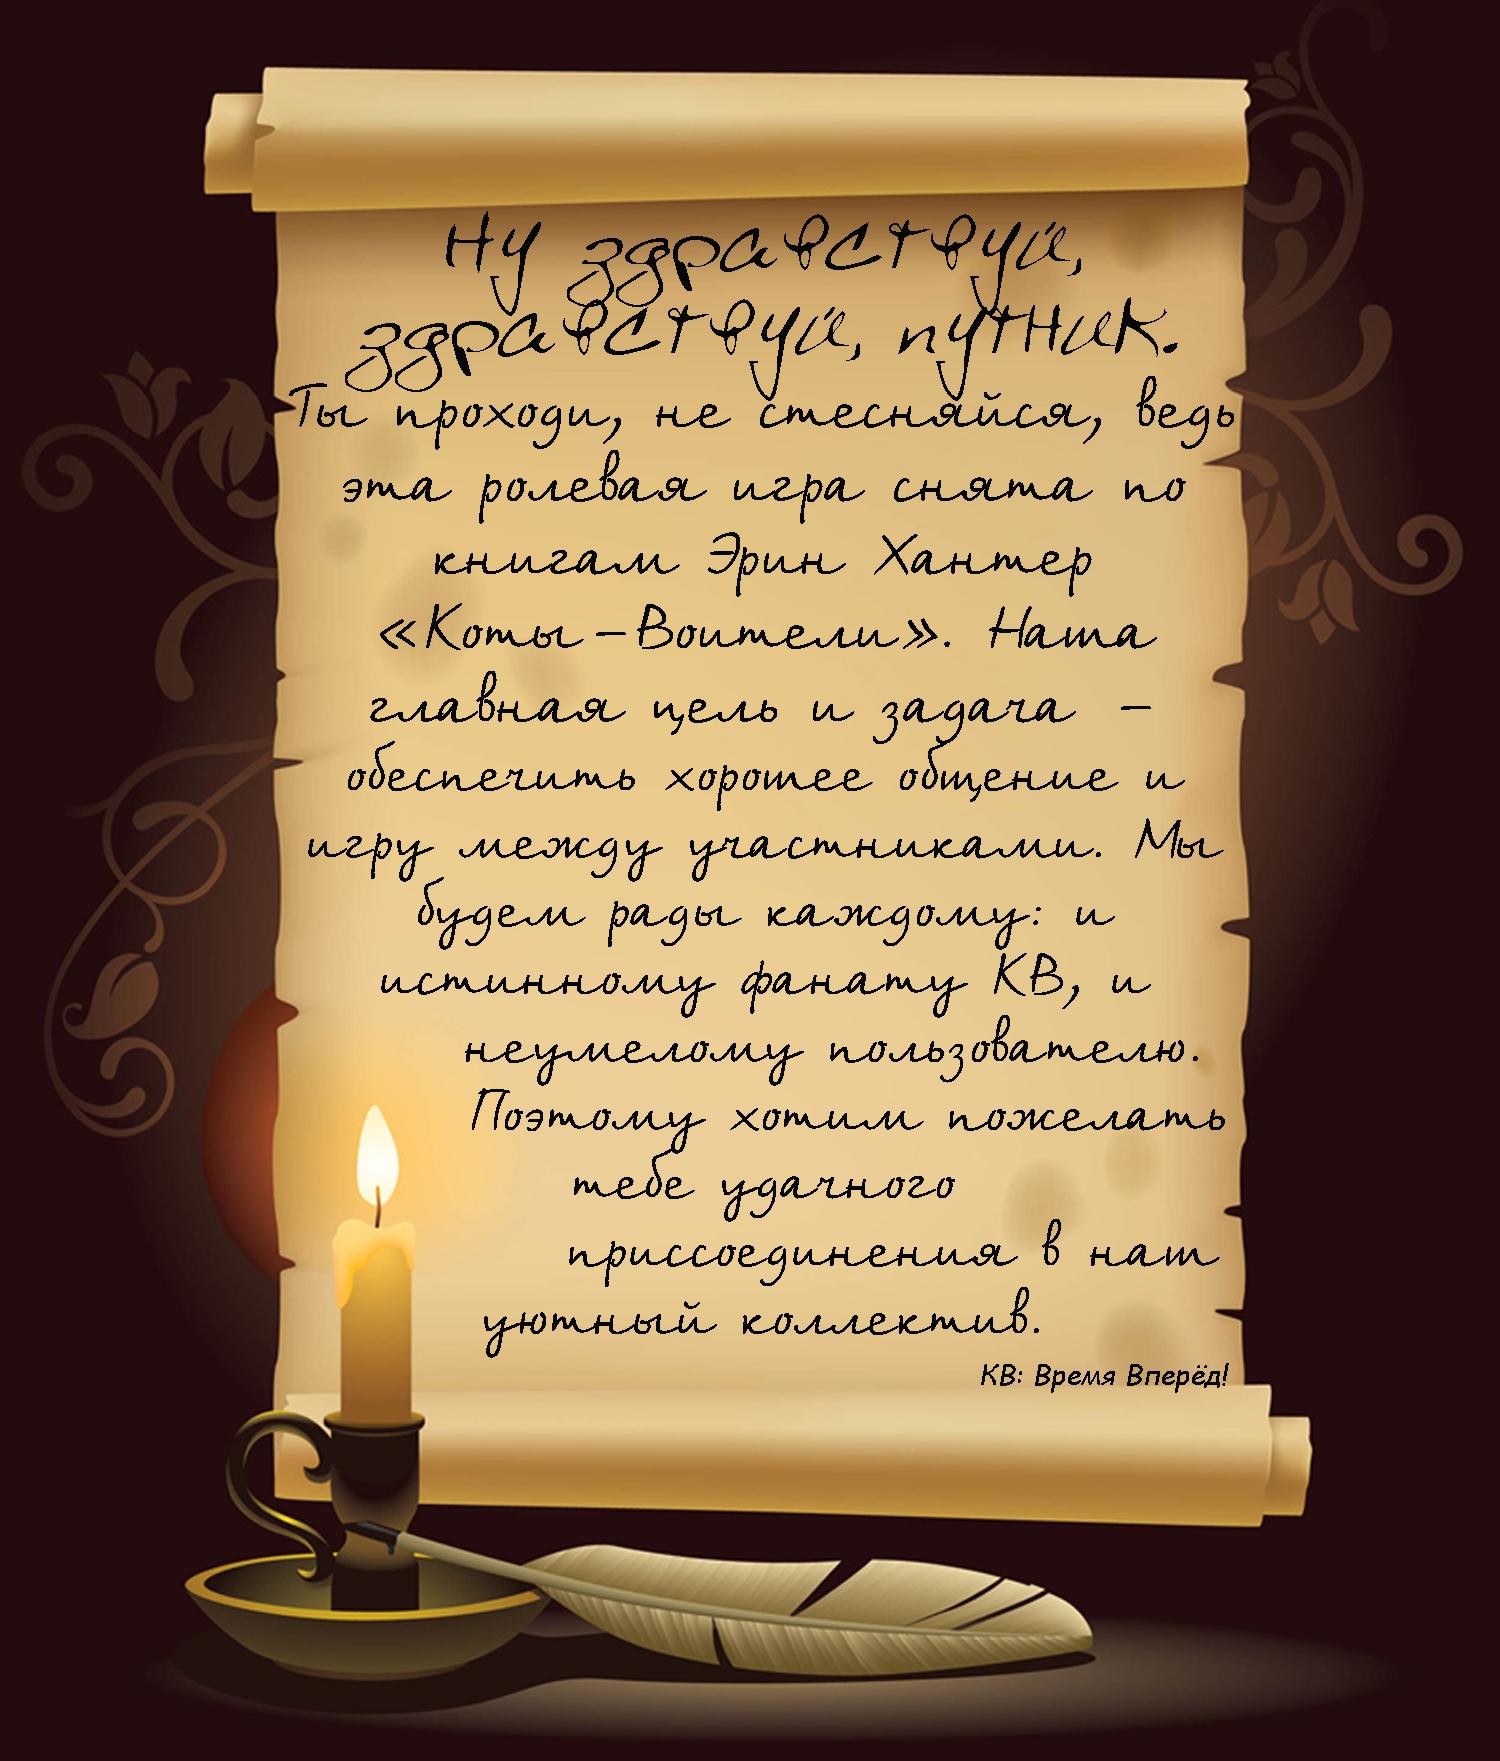 http://s4.uploads.ru/12TtU.jpg